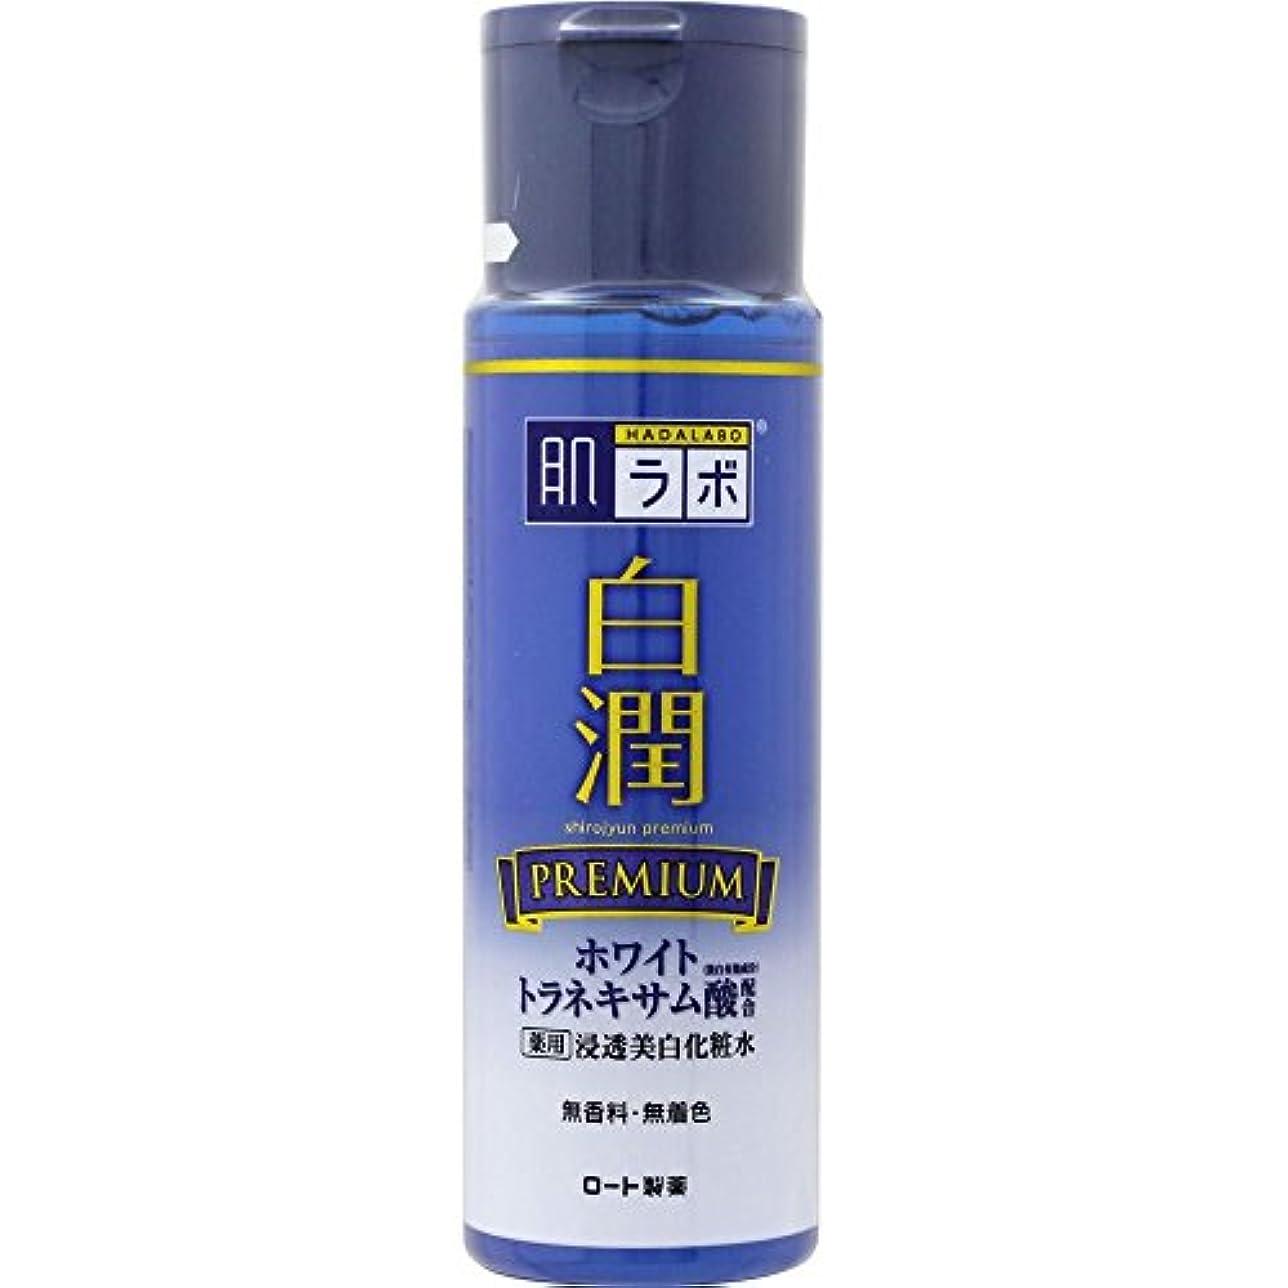 受ける強度辞書肌ラボ 白潤プレミアム 薬用浸透美白化粧水 170mL (医薬部外品)